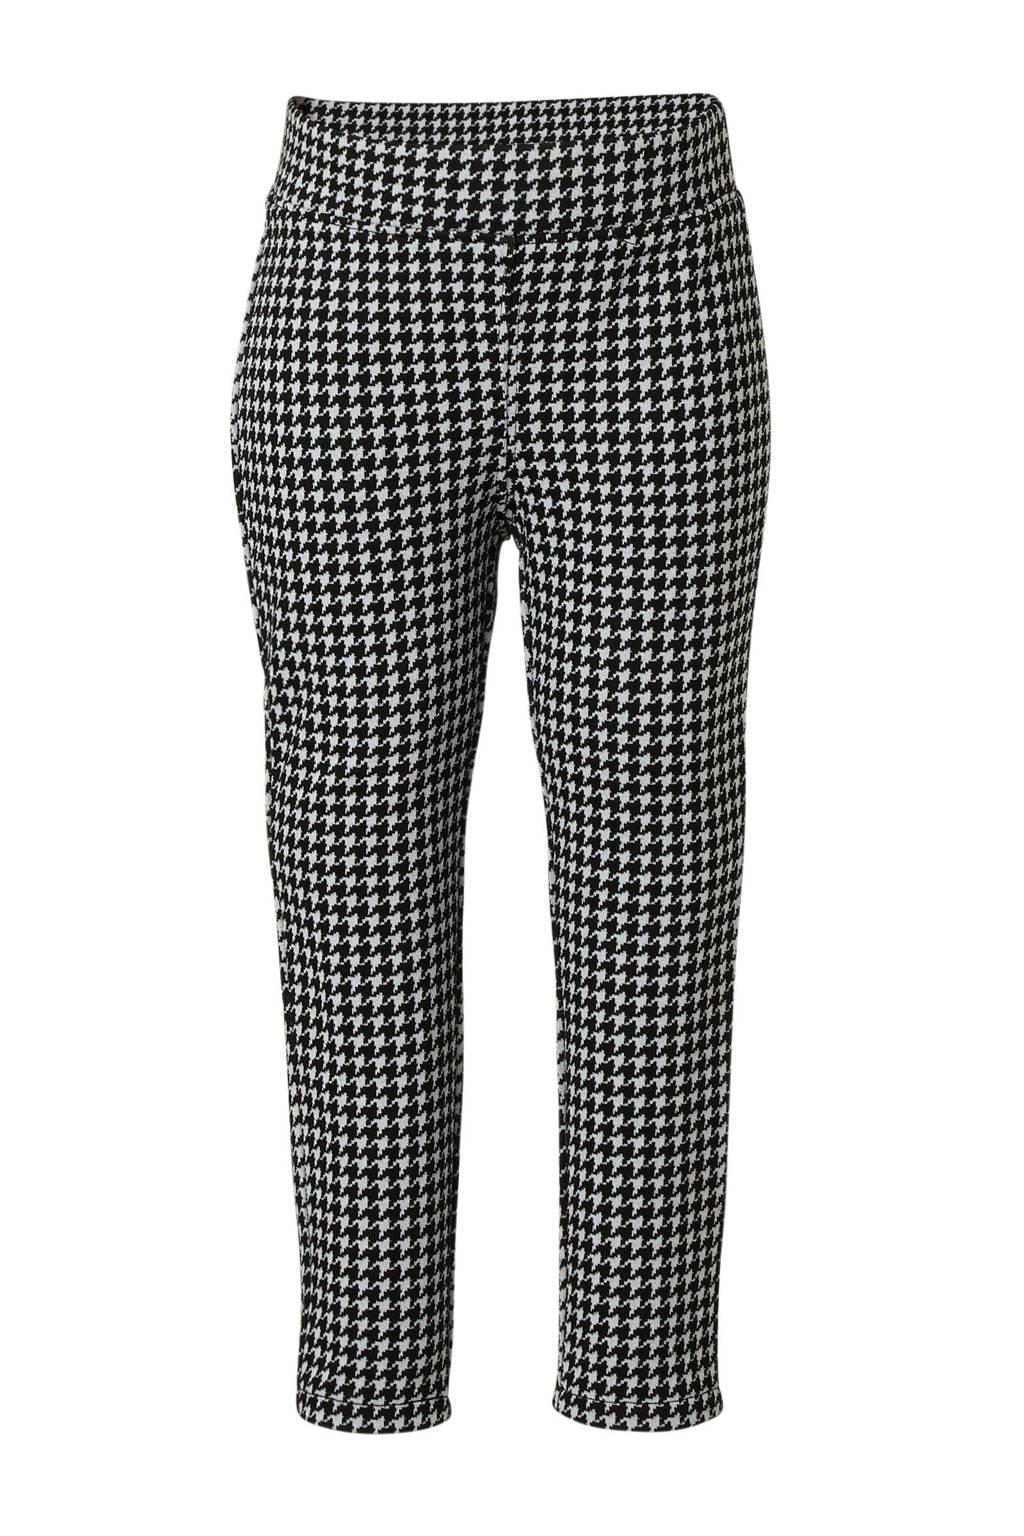 C&A Palomino legging met pied-de-poule zwart/wit, Zwart/wit